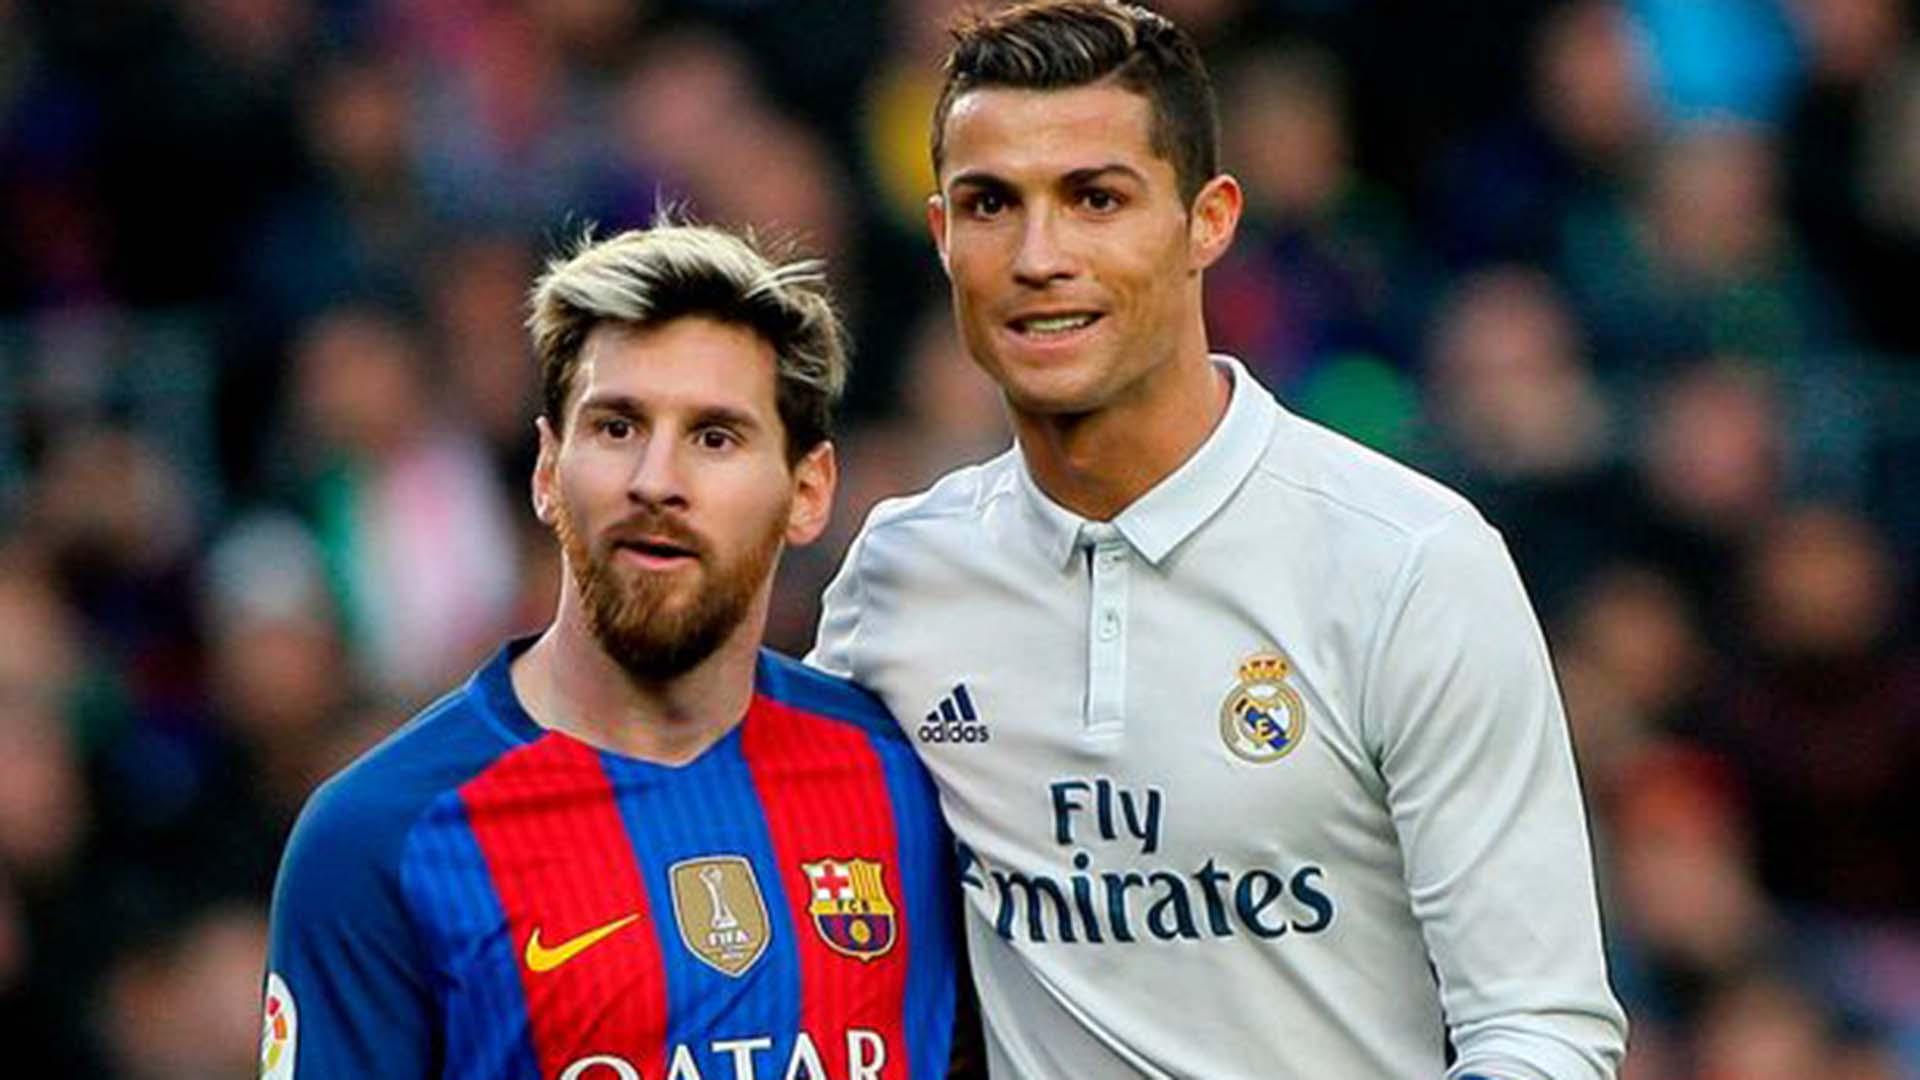 Sao Besiktas dìm hàng Ronaldo và Messi - Ảnh 1.